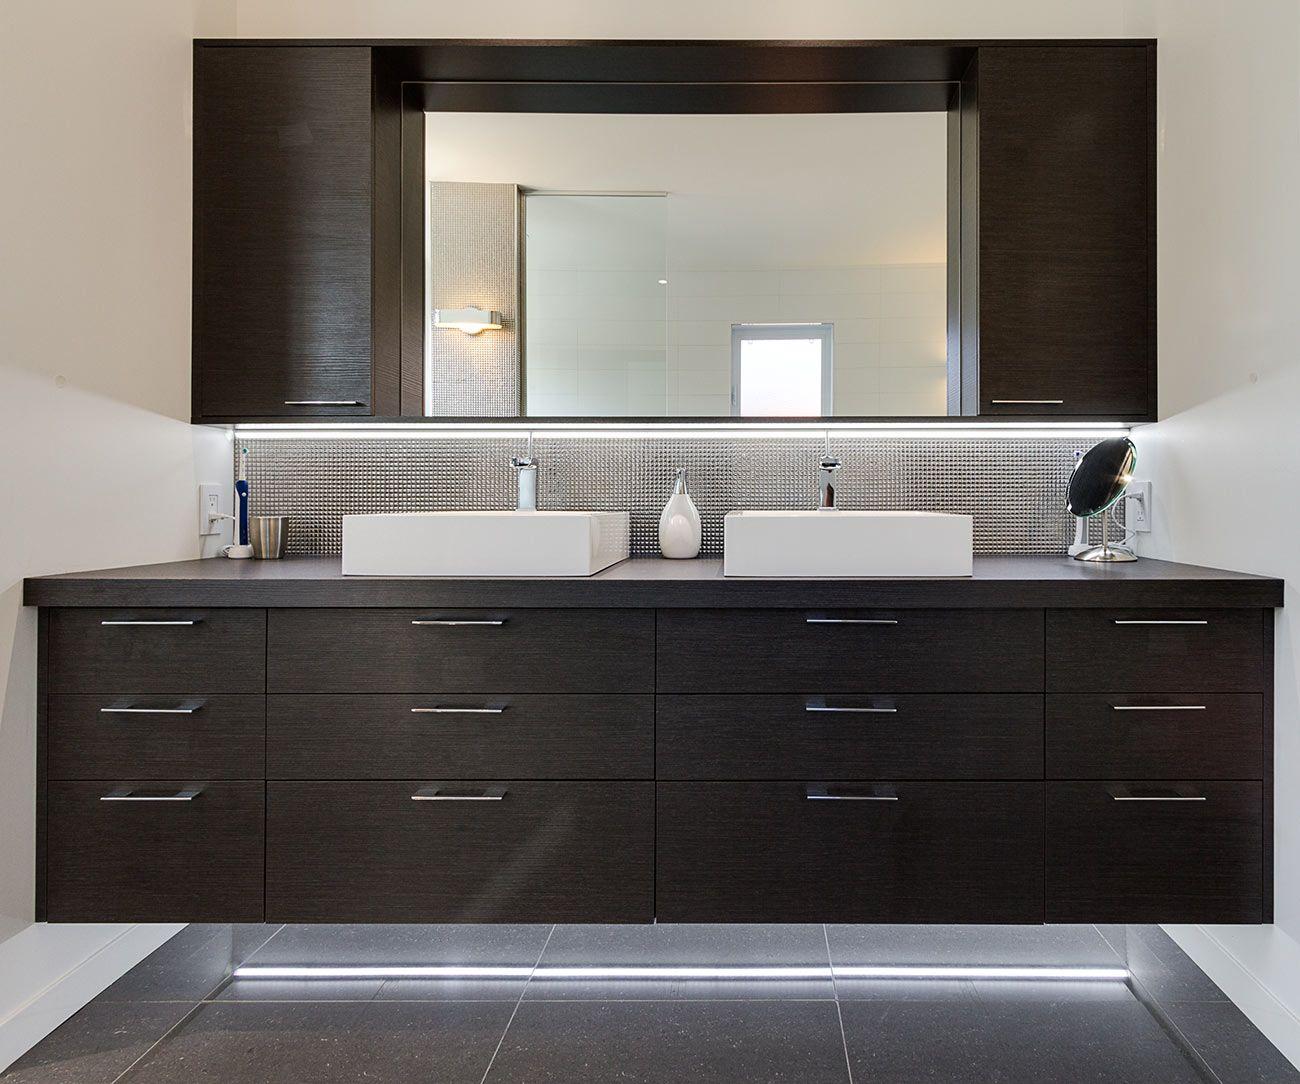 Fabrication installation de meubles de salle de bain sur - Fabrication meuble salle de bain ...